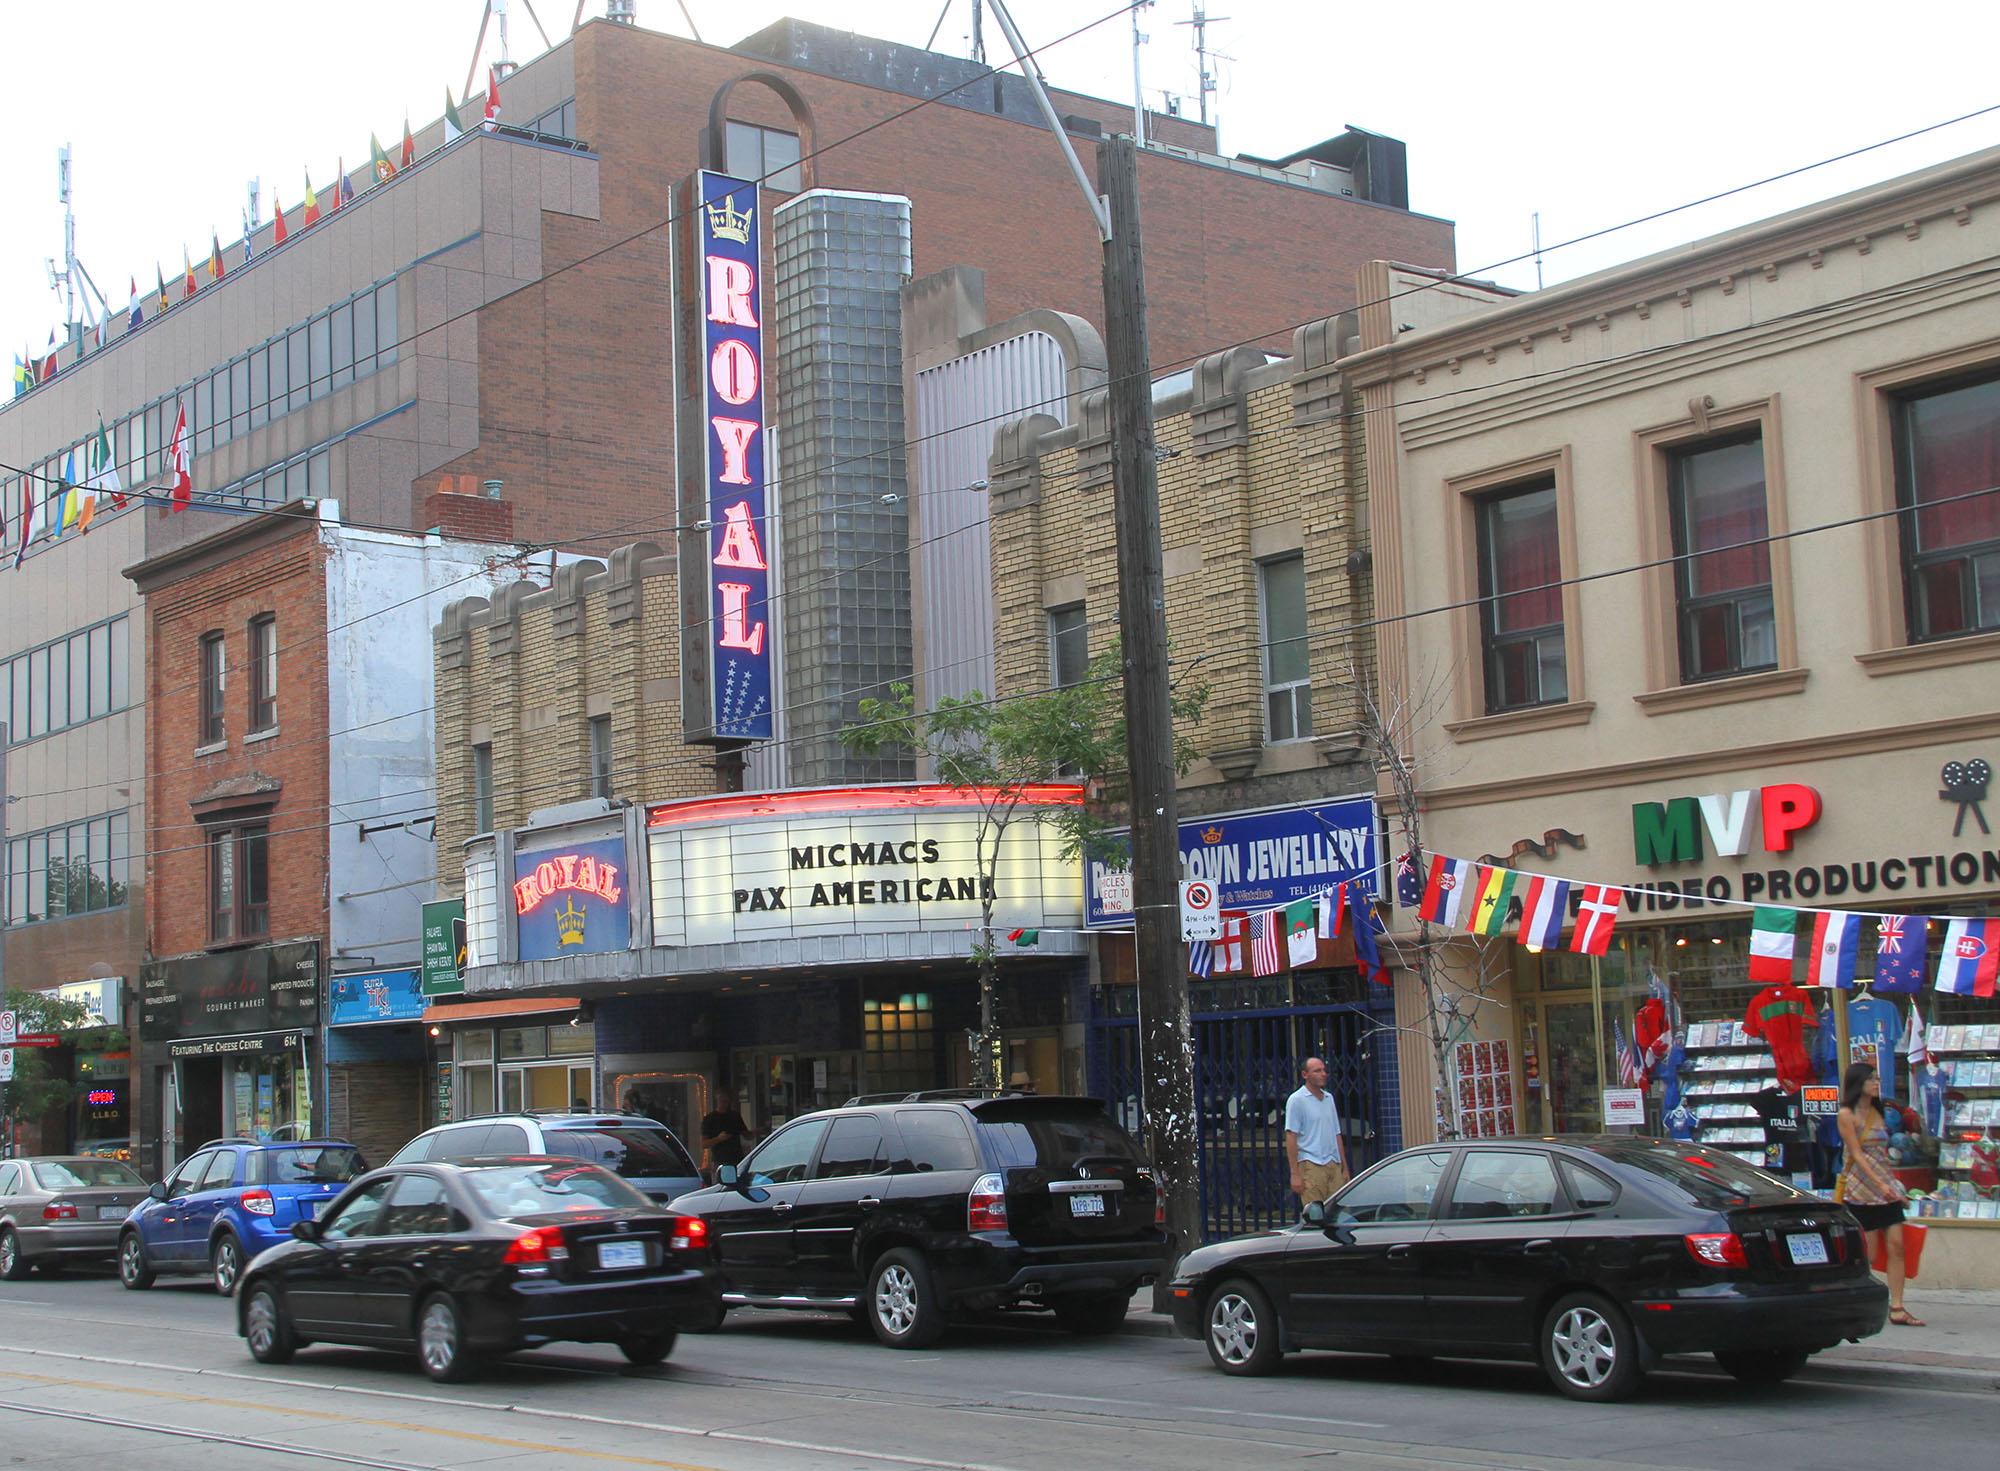 The Royal Cinema - Toronto